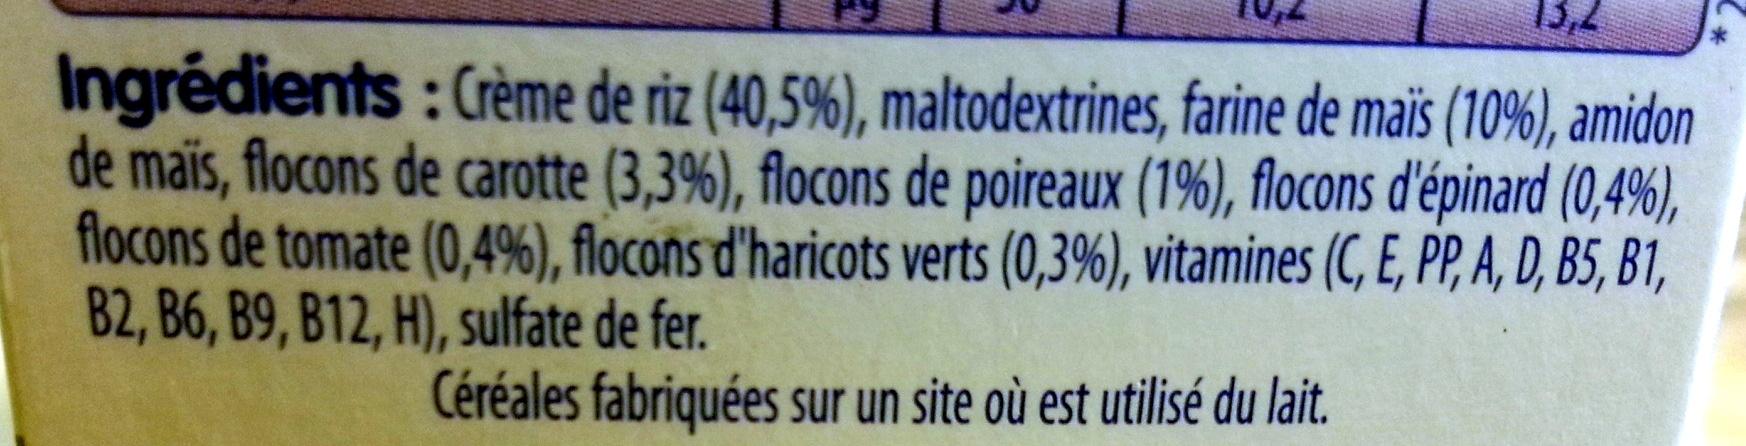 5 Légumes - Ingredienti - fr